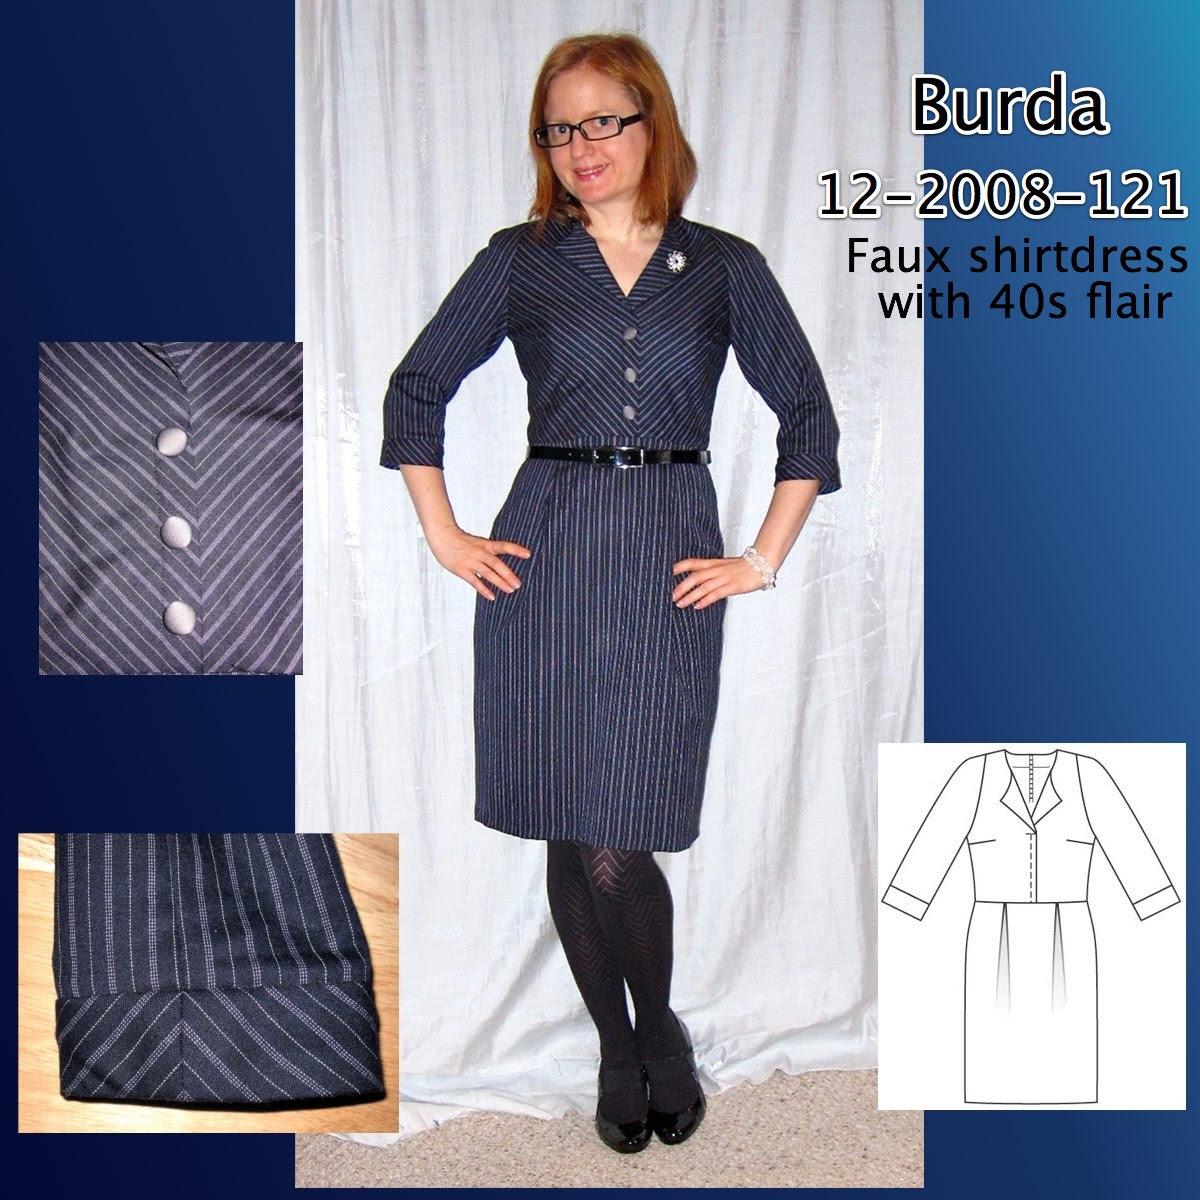 Burda 12-2008-121 Thumbnail